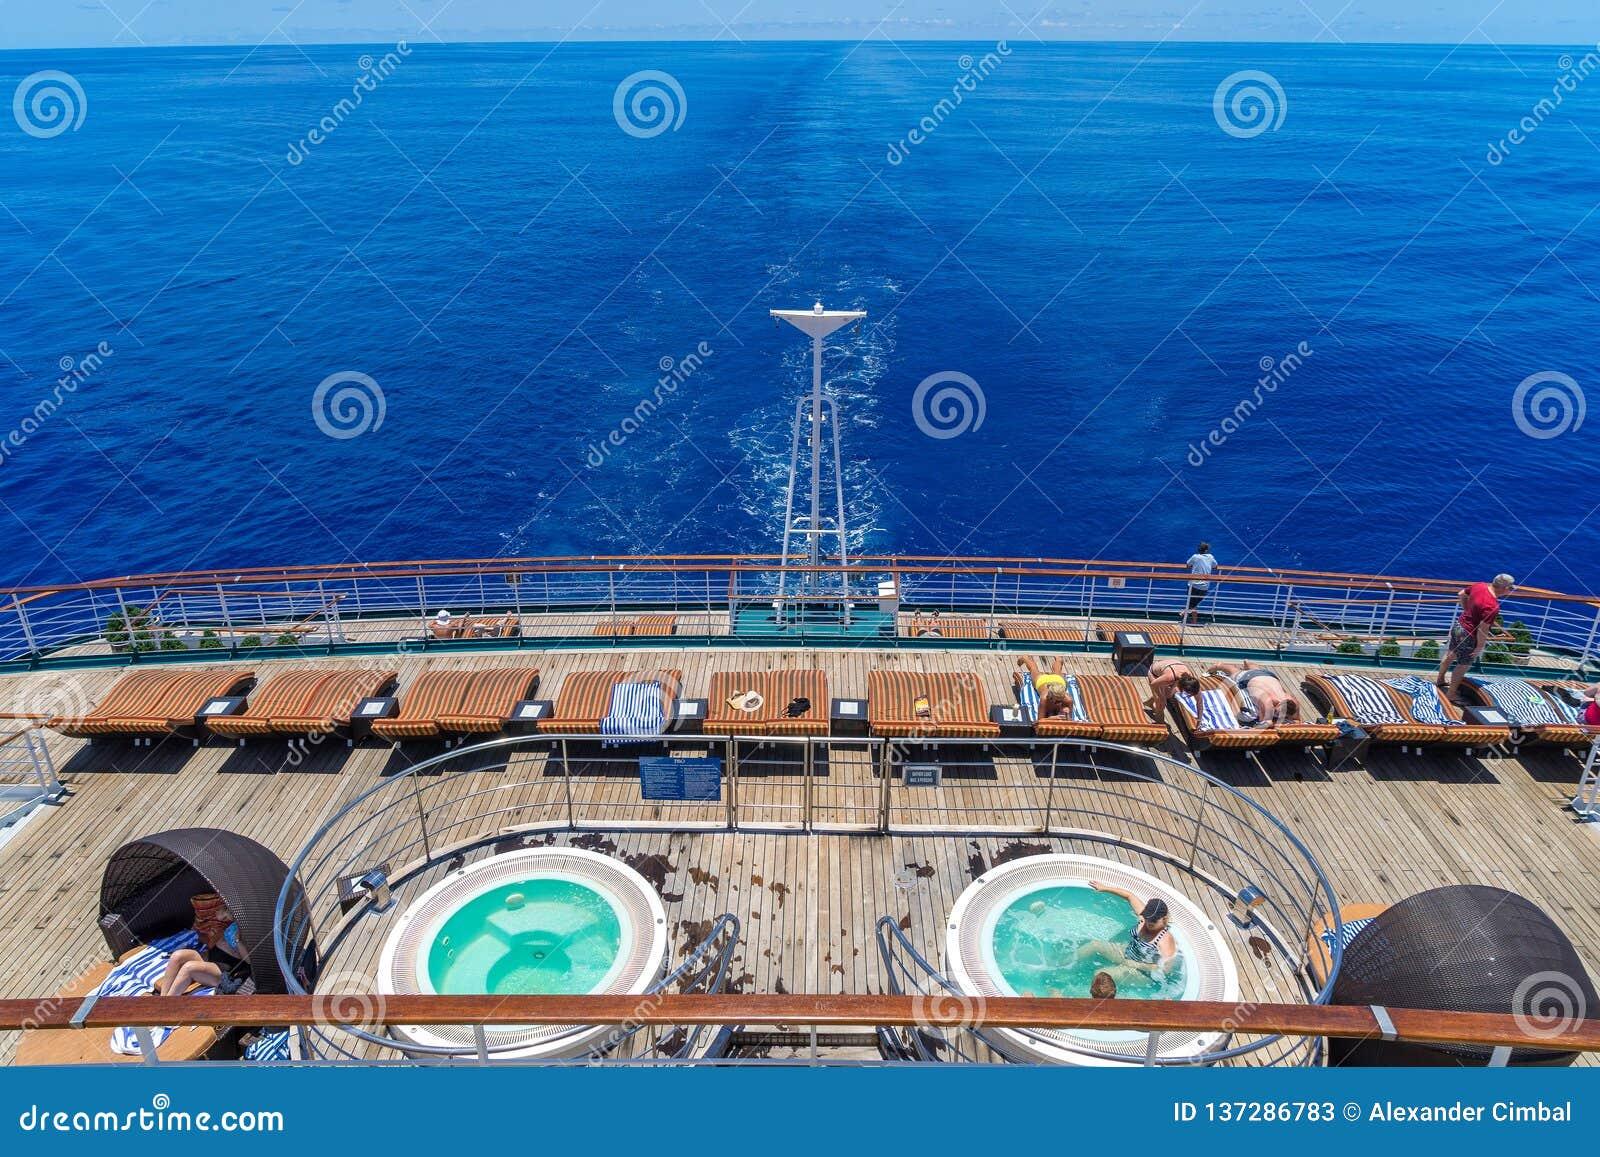 Océano de South Pacific, Australia - cubierta trasera del trazador de líneas de la travesía de P&O